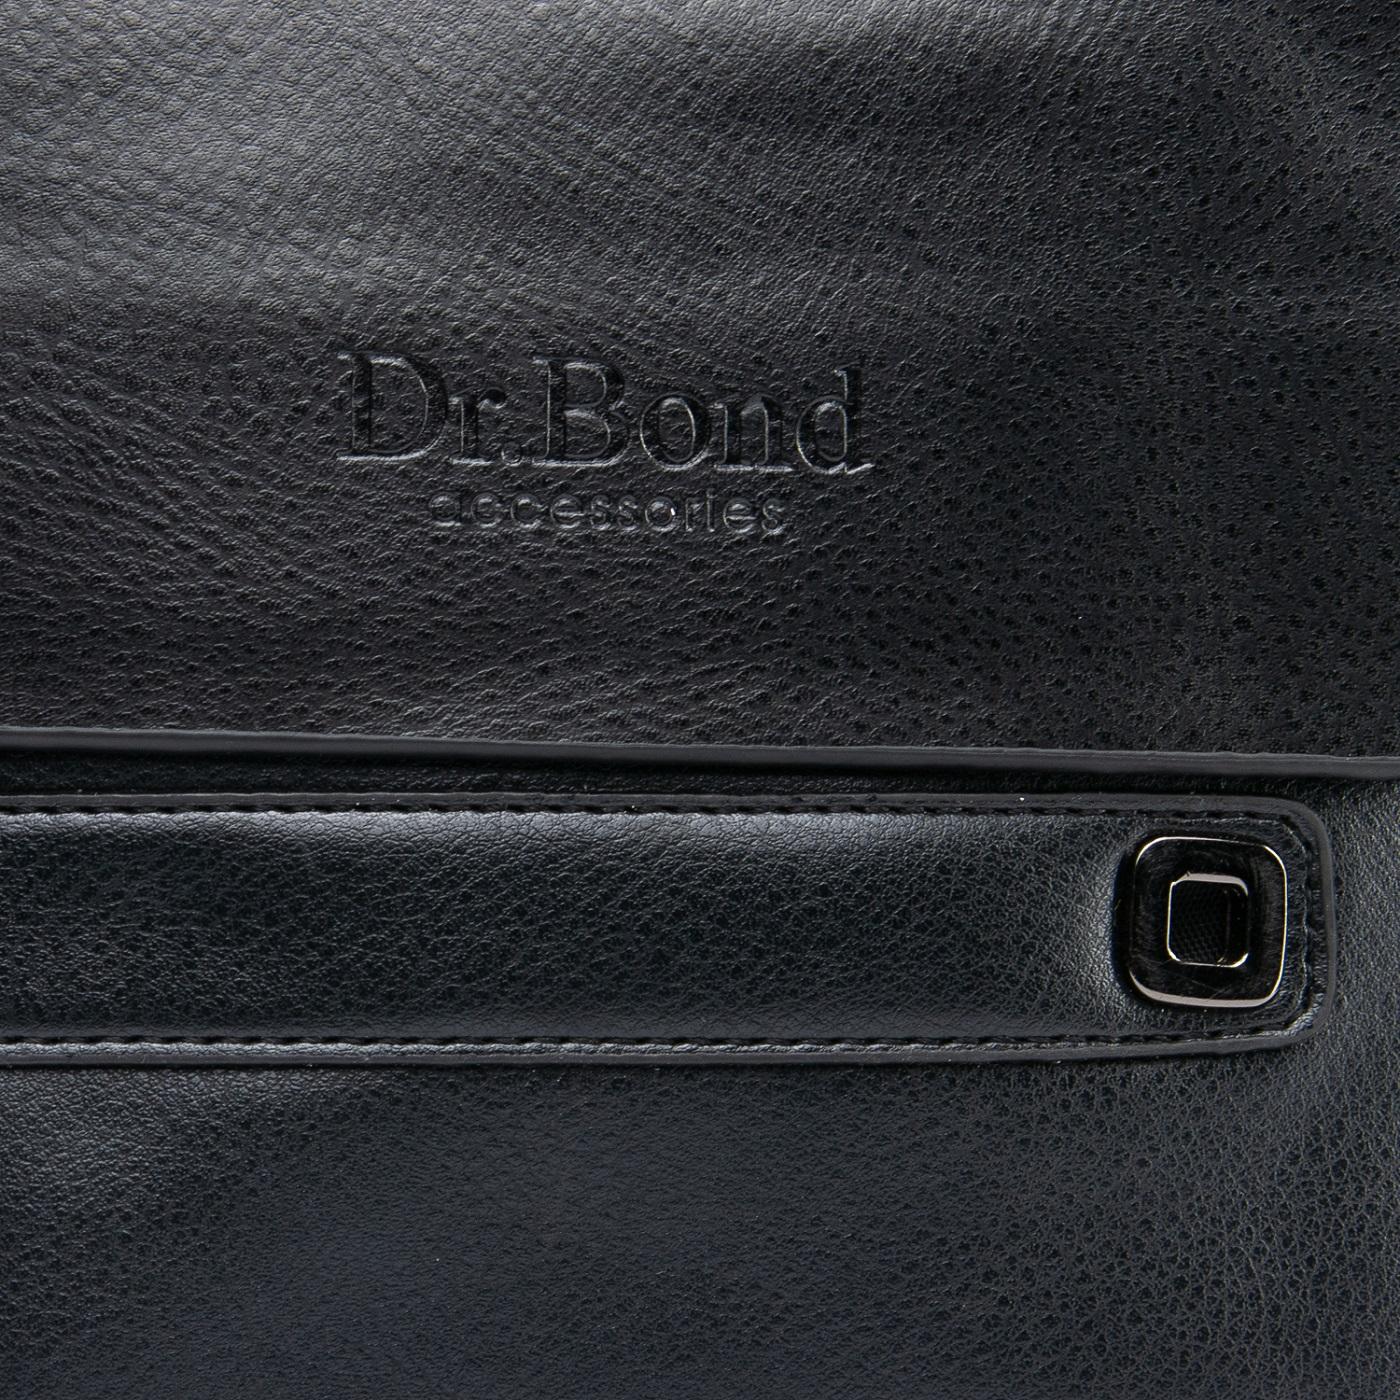 Сумка Мужская Планшет иск-кожа DR. BOND GL 512-2 black - фото 3